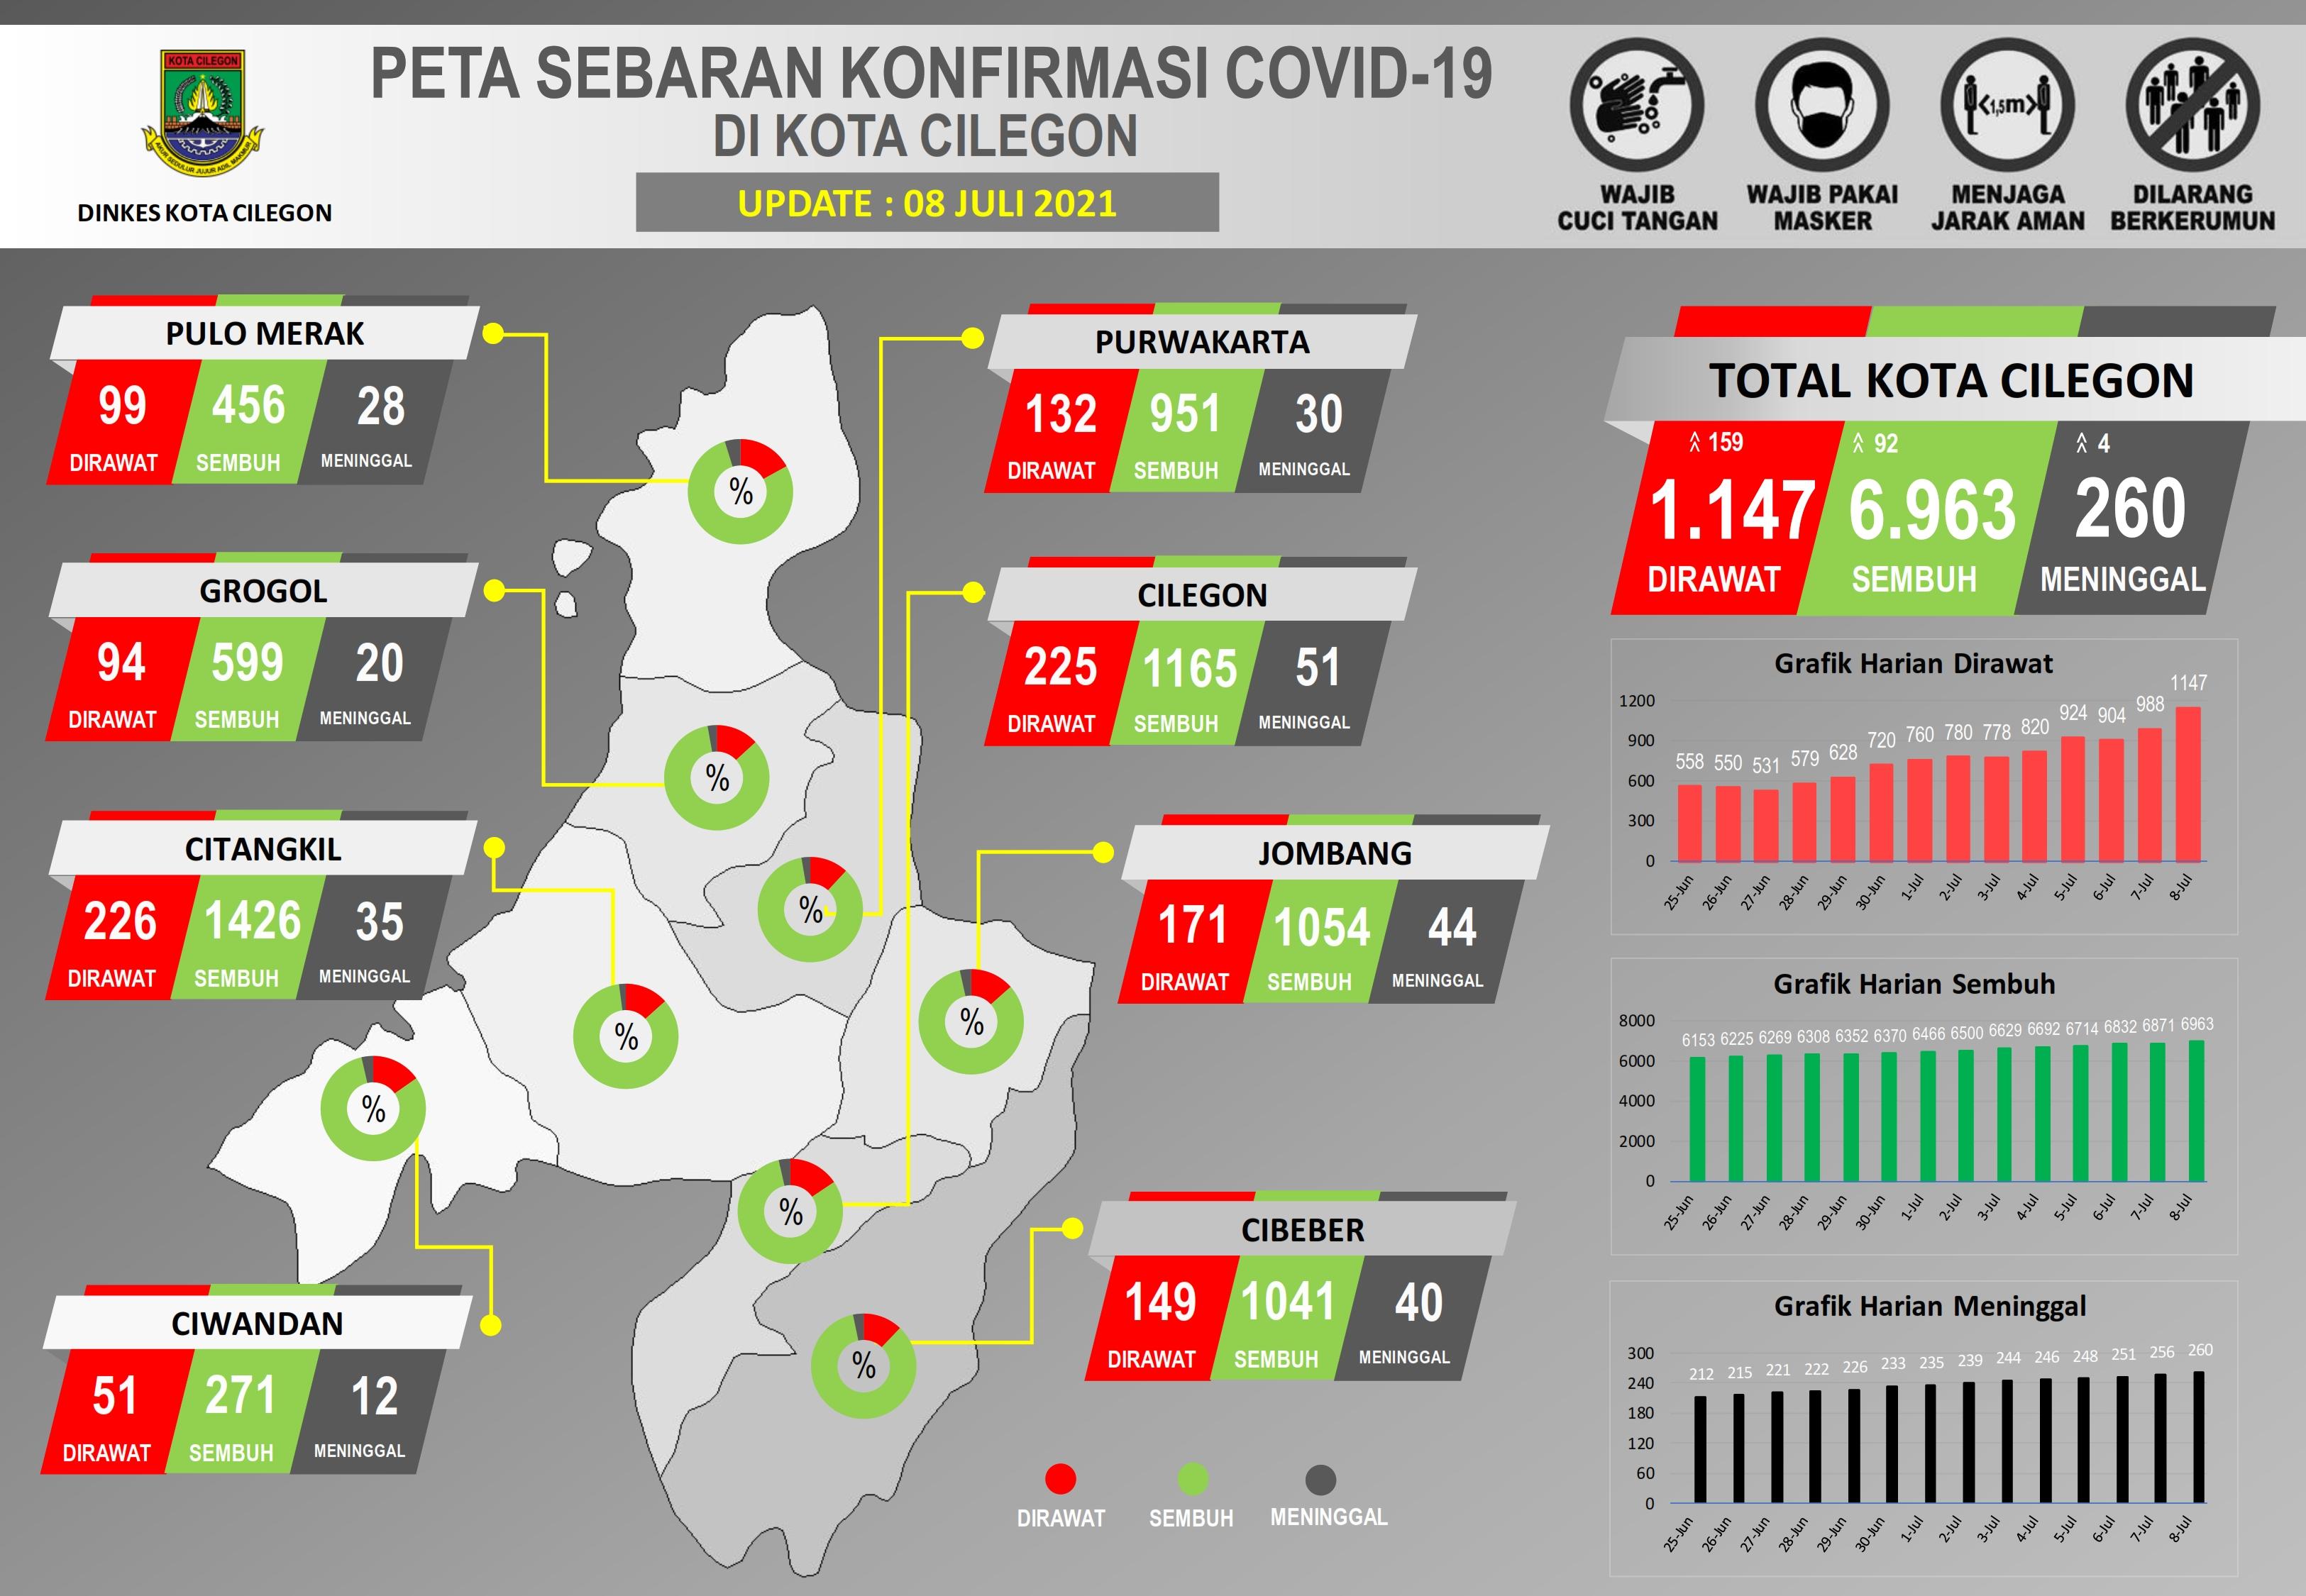 UPDATE-08-07-2021-PETA-SEBARAN-COVID-19